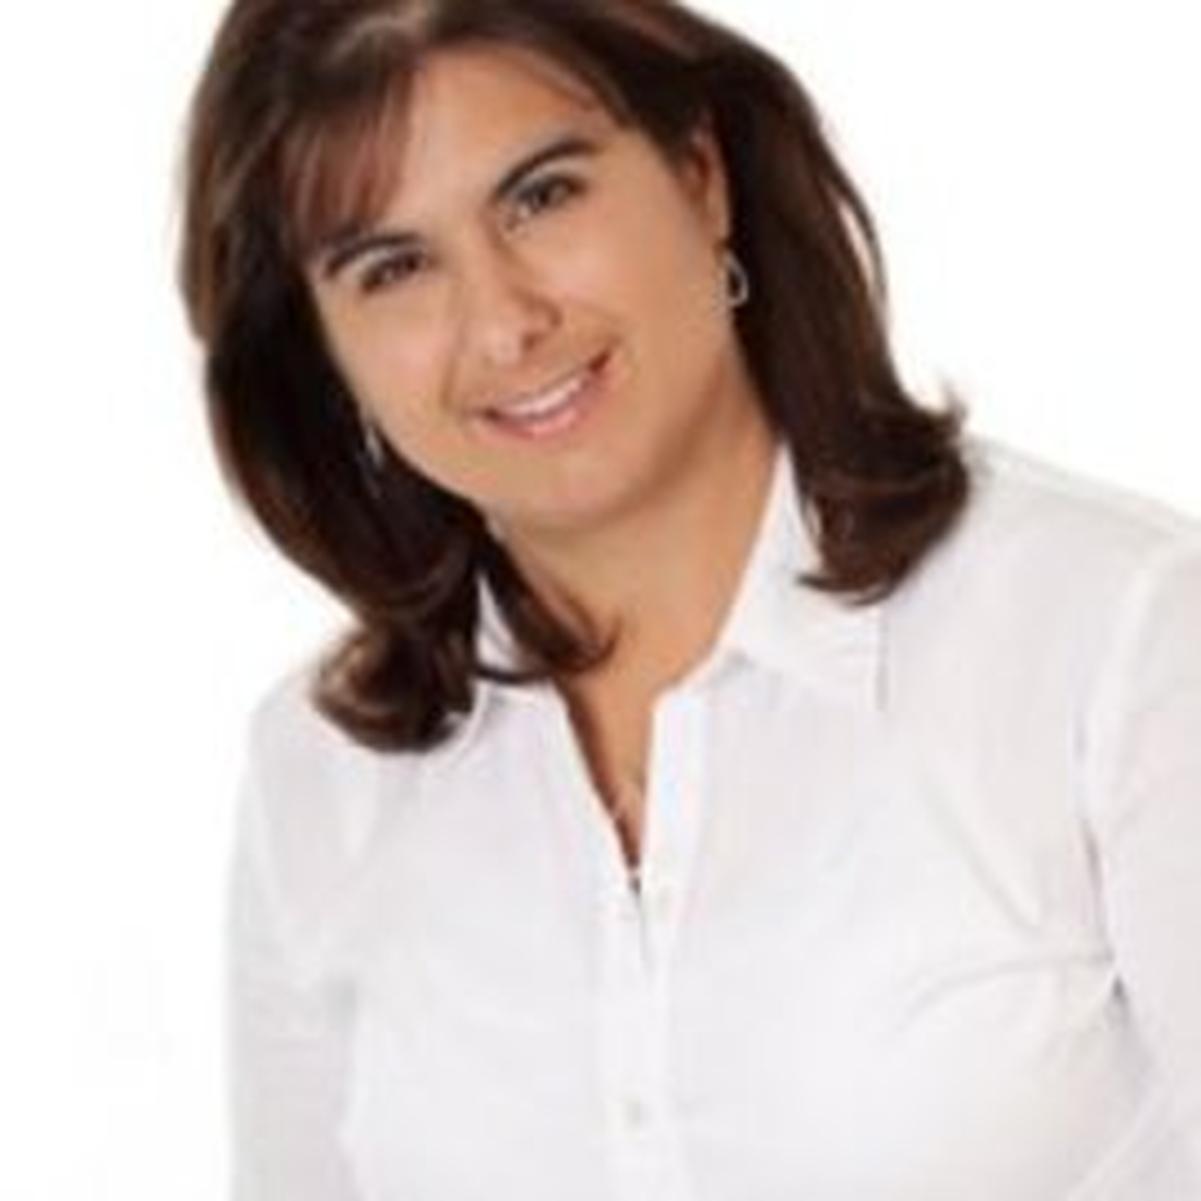 Trisha Sveistrup